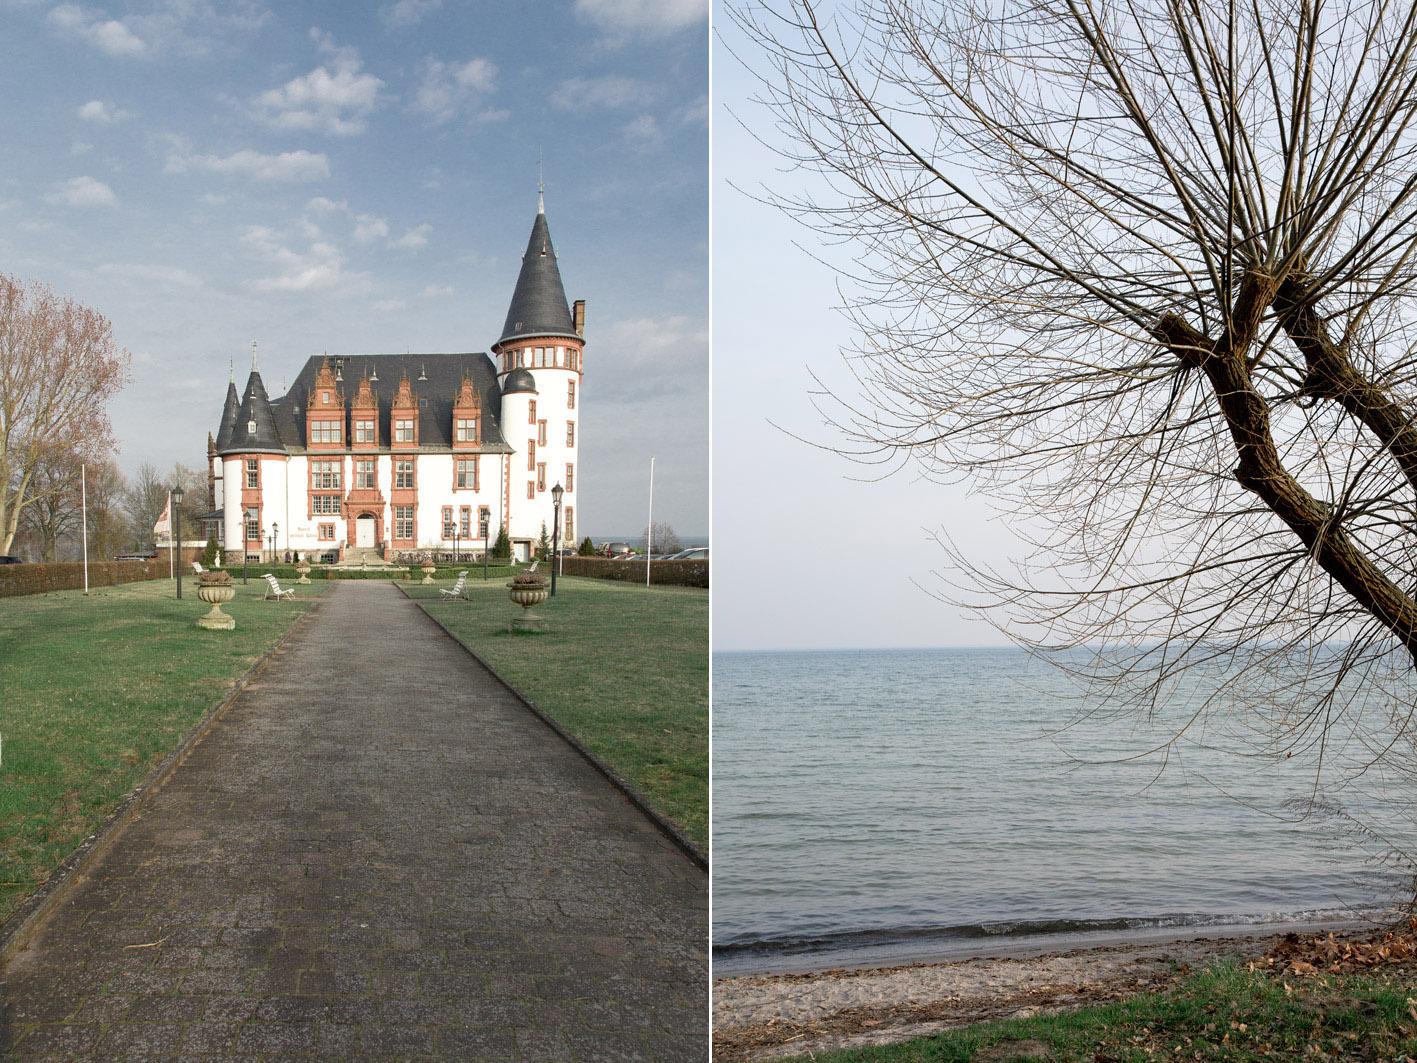 Schlosshotel Klink in Waren an der Müritz